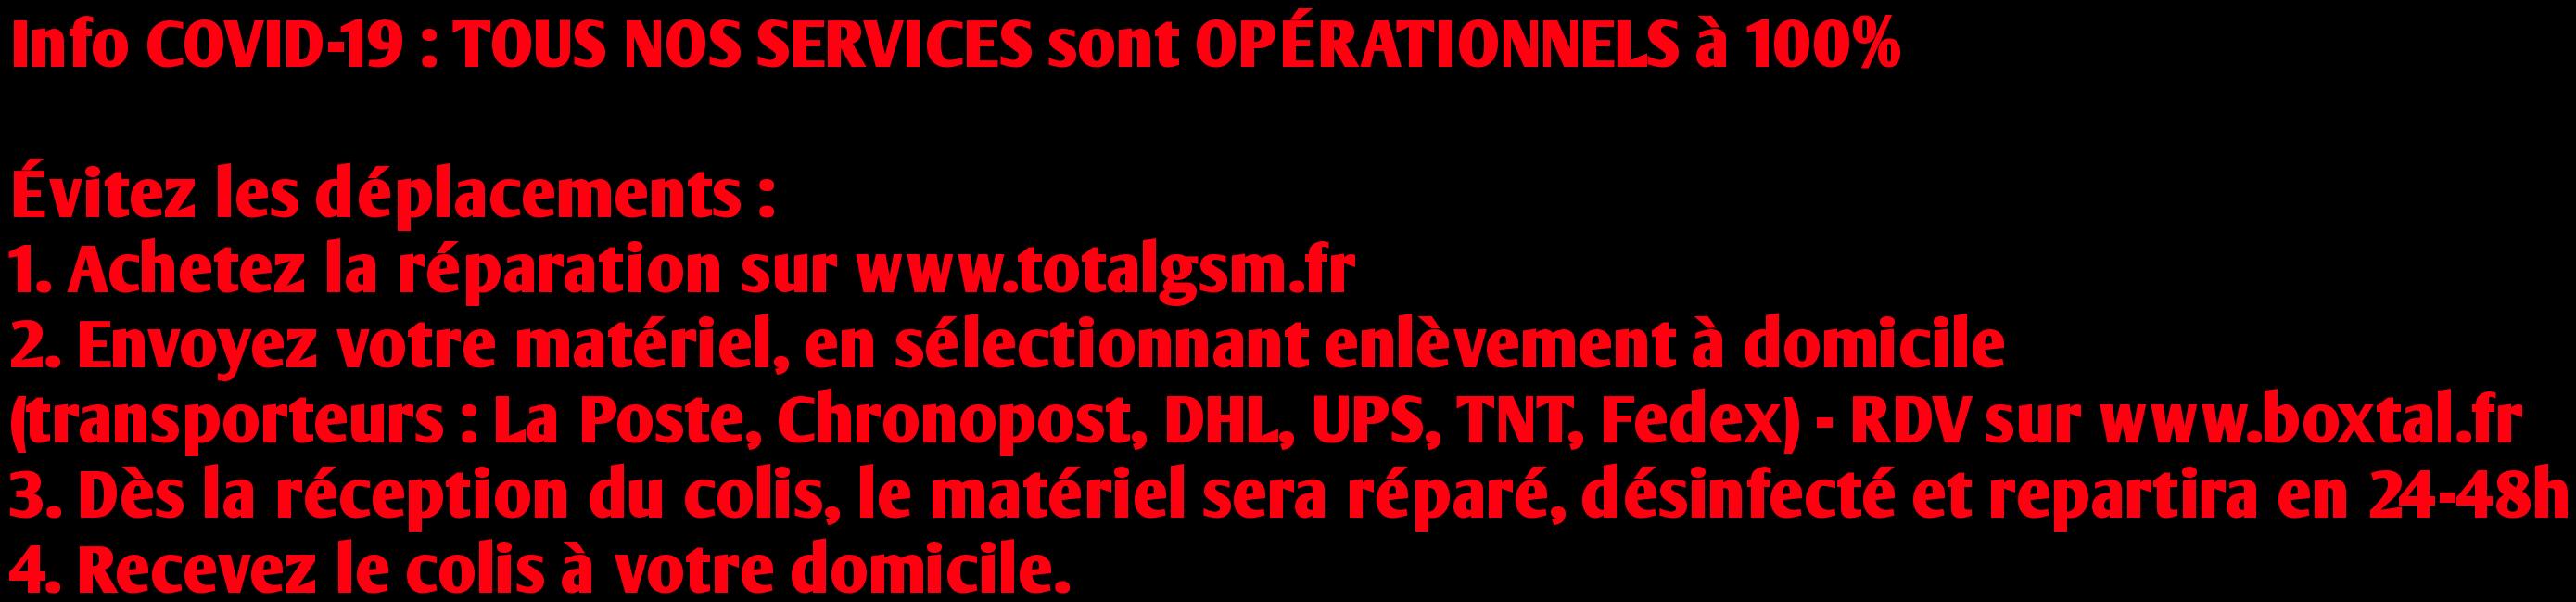 tous les service de reparation a distance sont operationnels a 100%